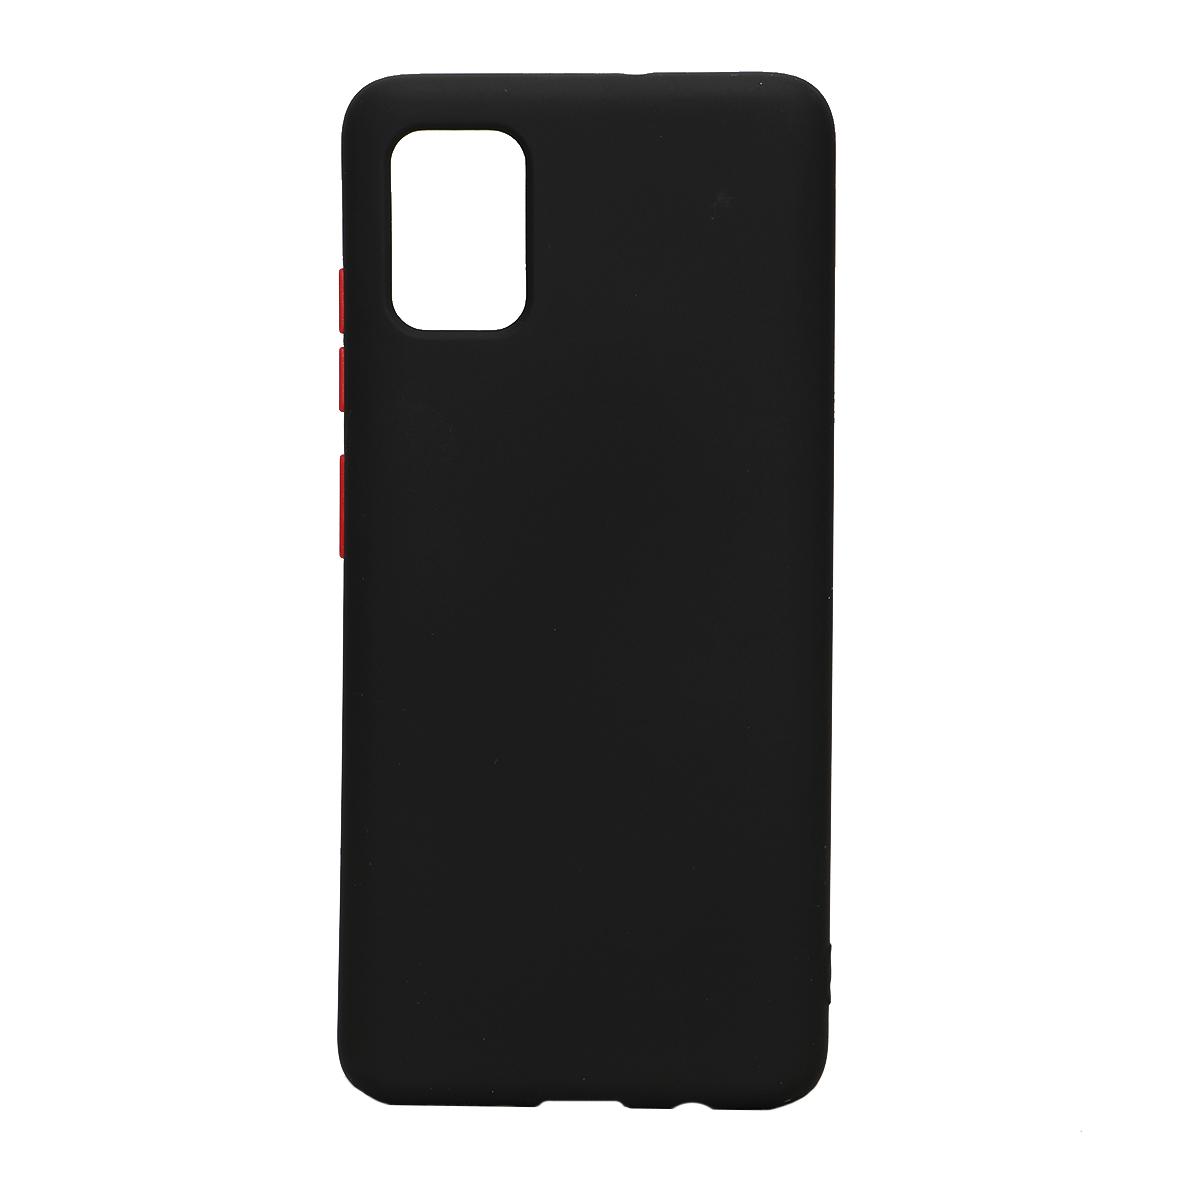 کاور مدل SCN 2 مناسب برای گوشی موبایل سامسونگ Galaxy A71